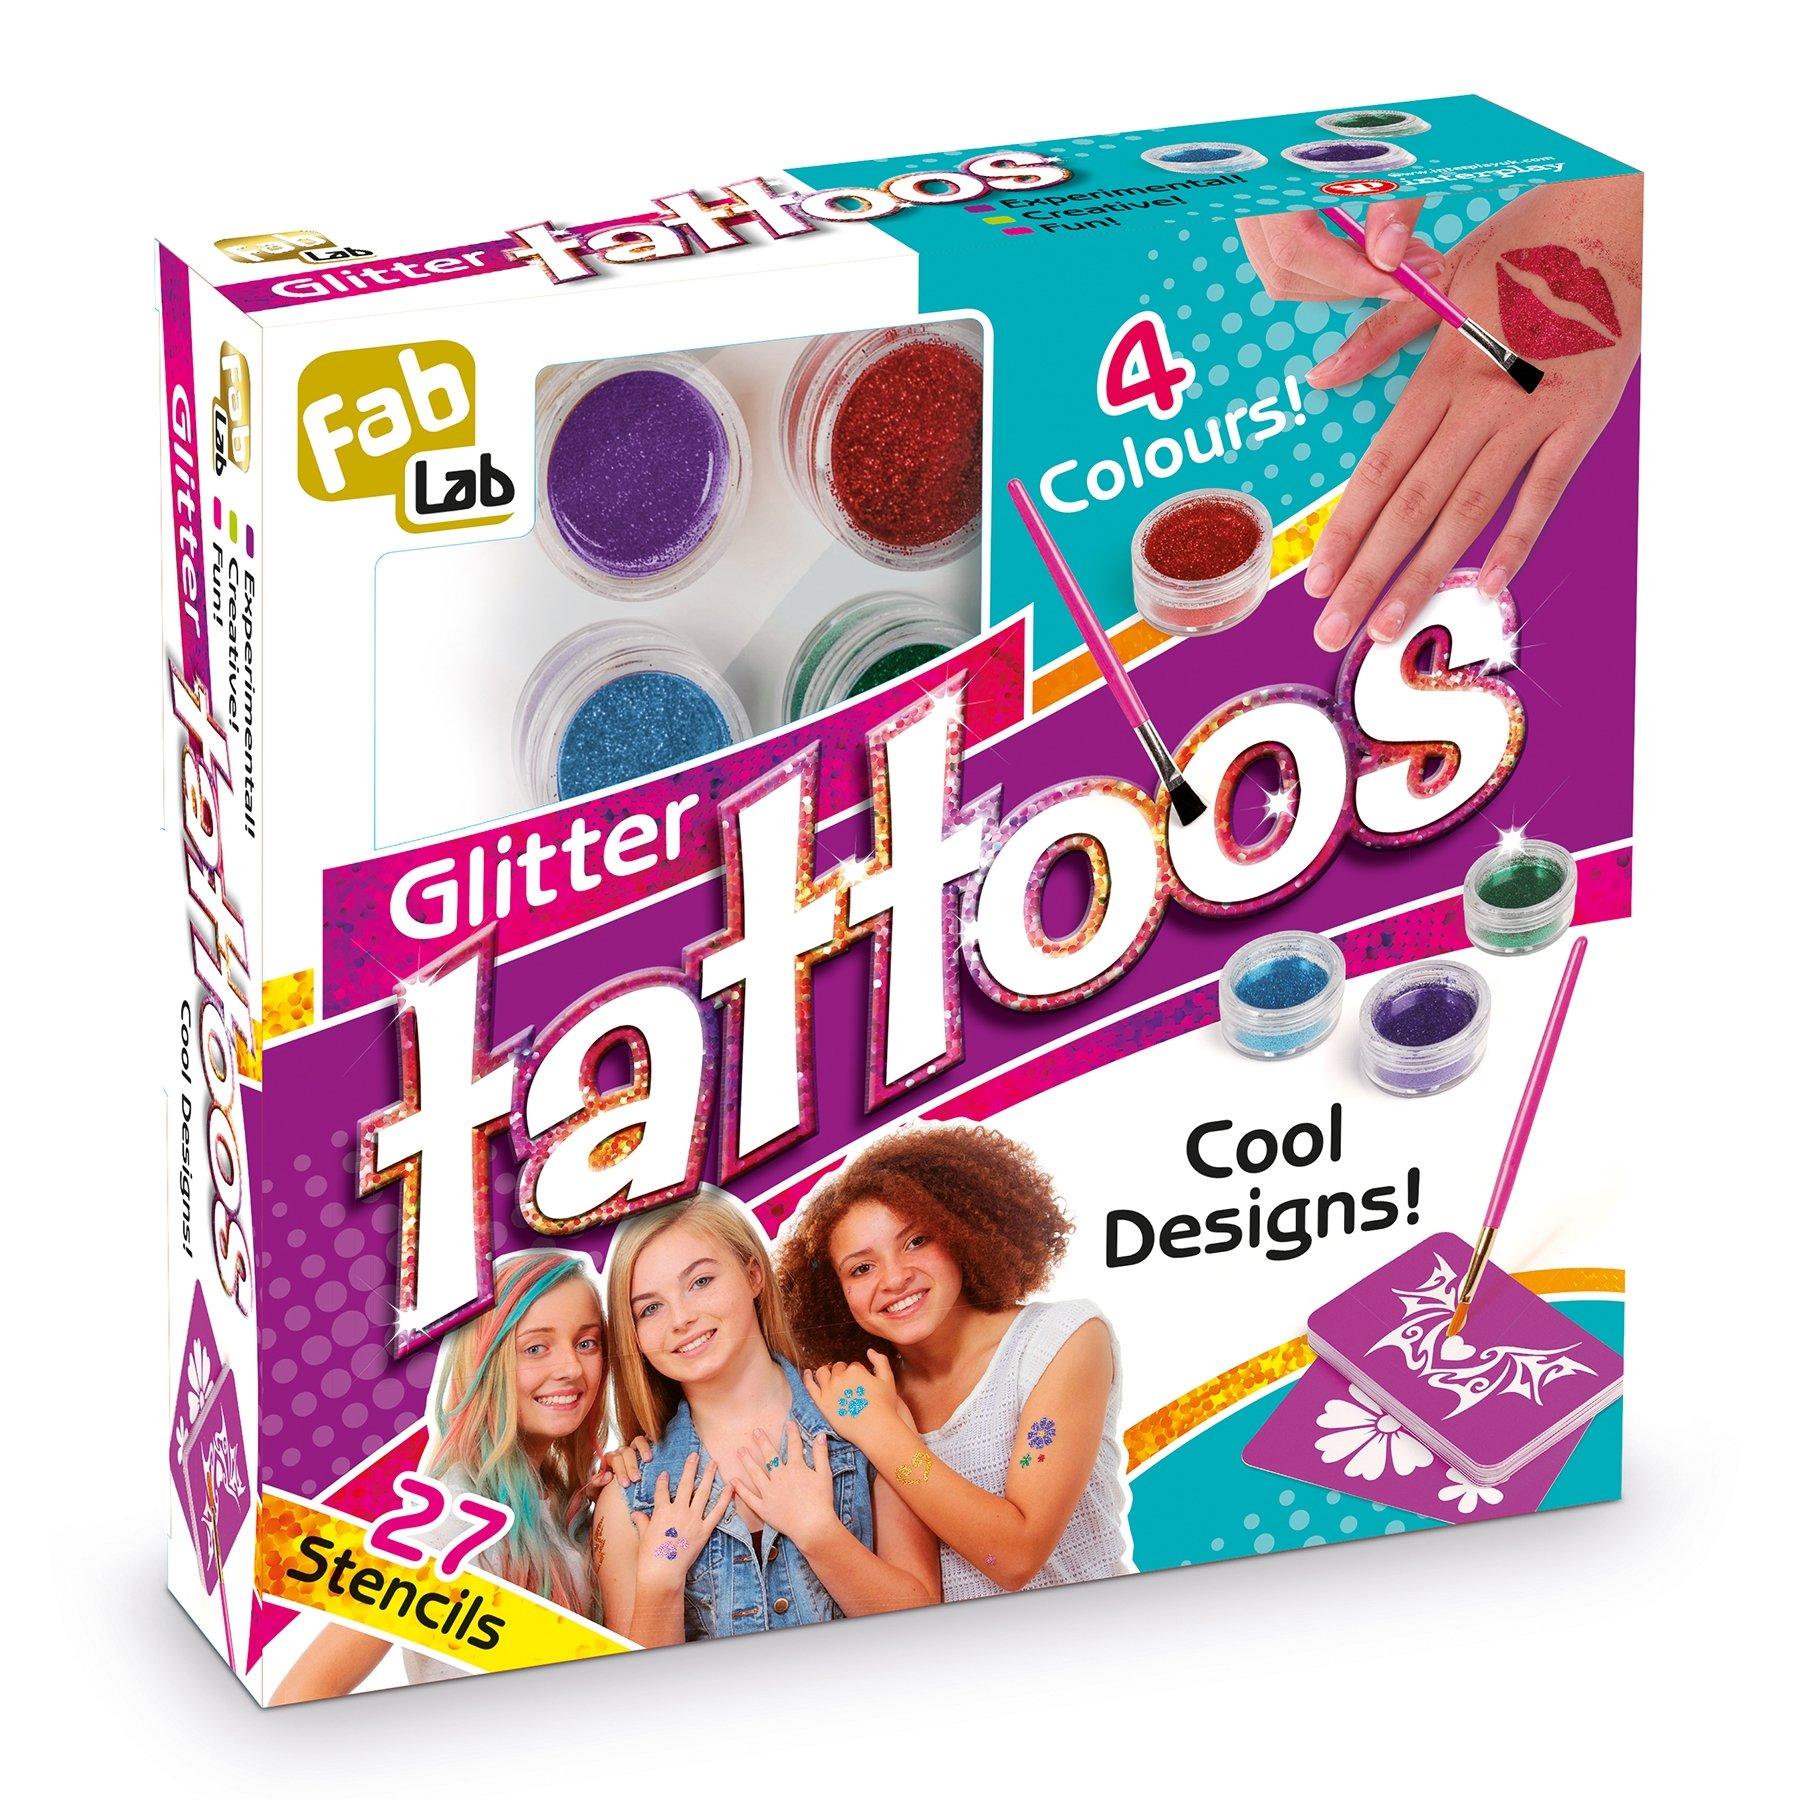 Henna Tattoo Kits For Kids: Glitter Kids Tattoos Set Kit Art Glue Temporary Stencils